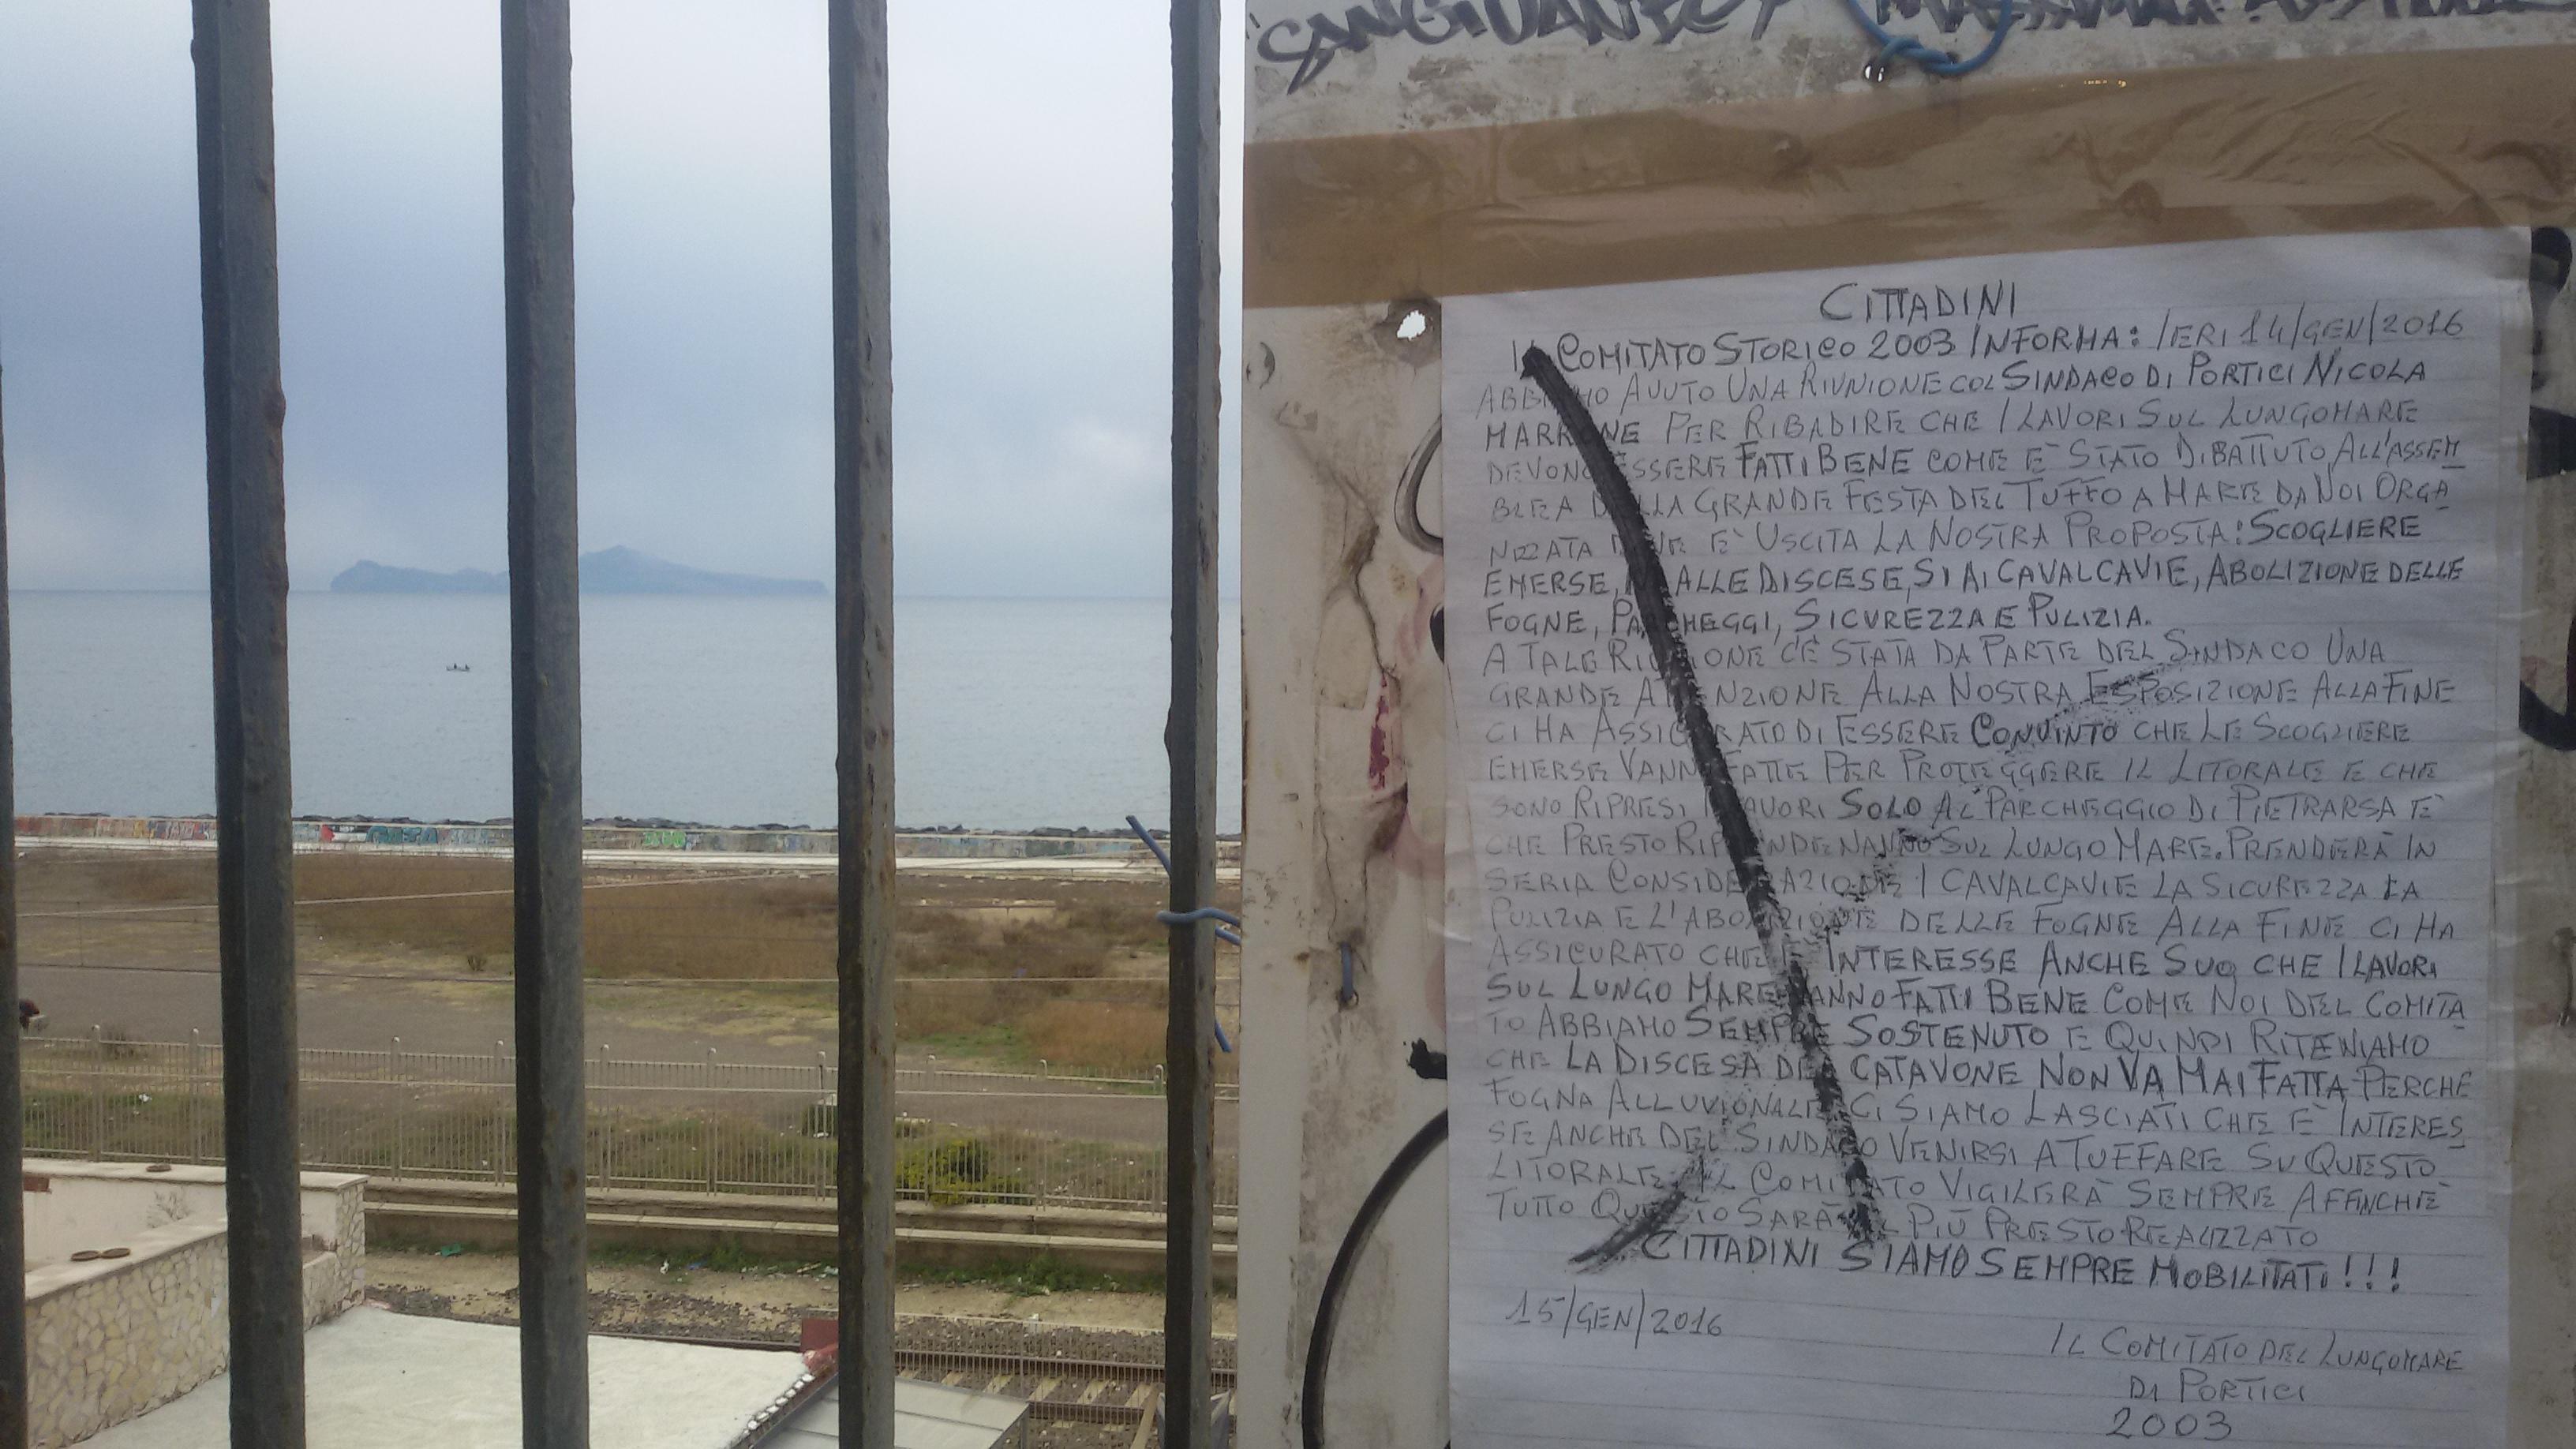 Portici. Cominciati i lavori del waterfront da Pietrarsa. I Comitati civici avanzano richieste al sindaco Marrone